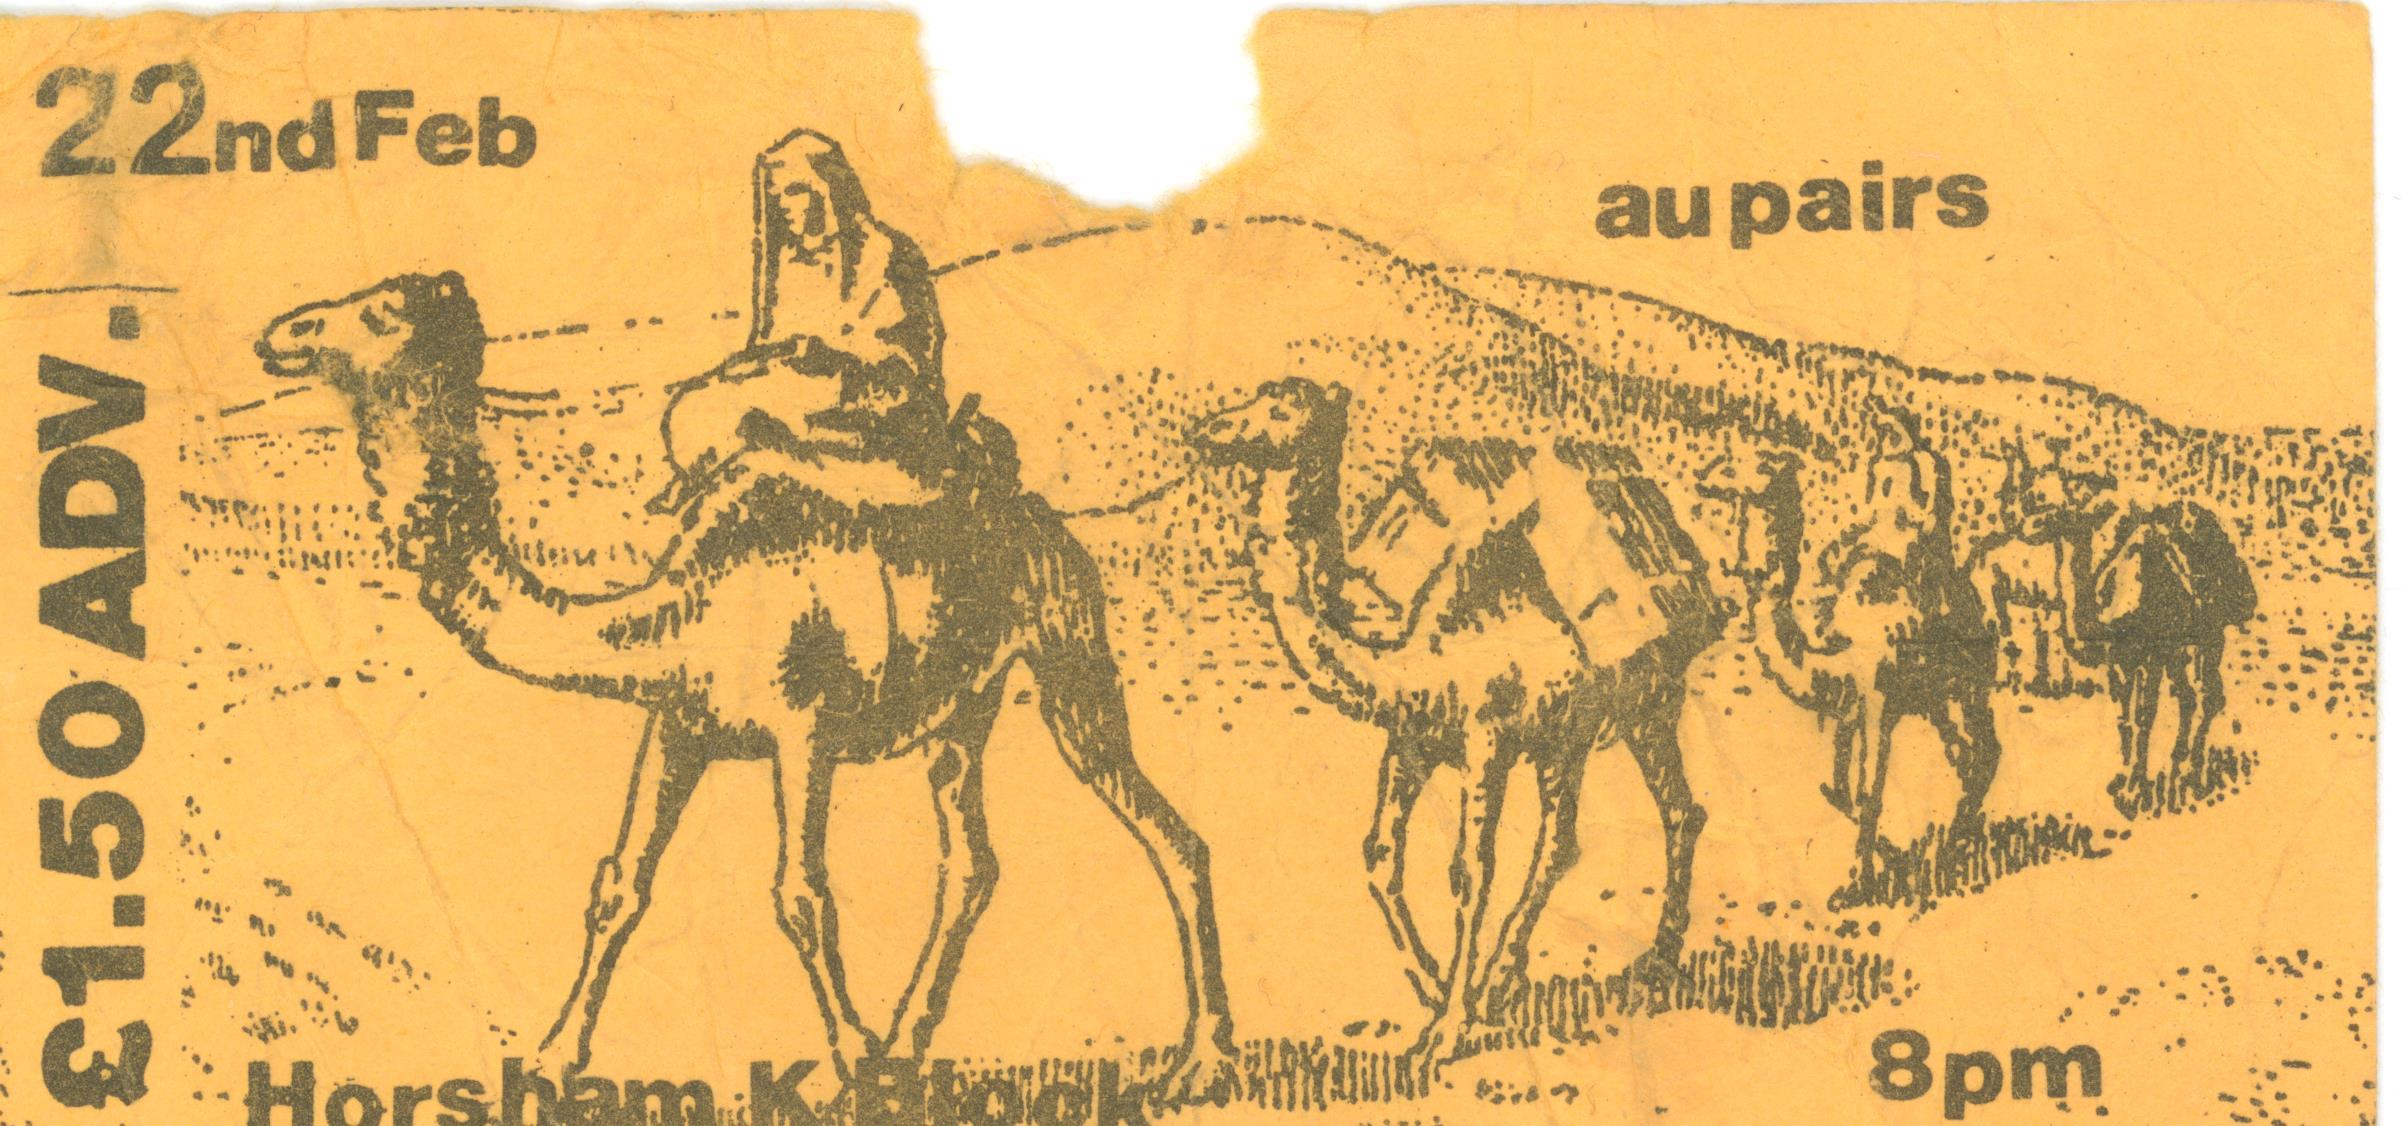 Au pairs 1981